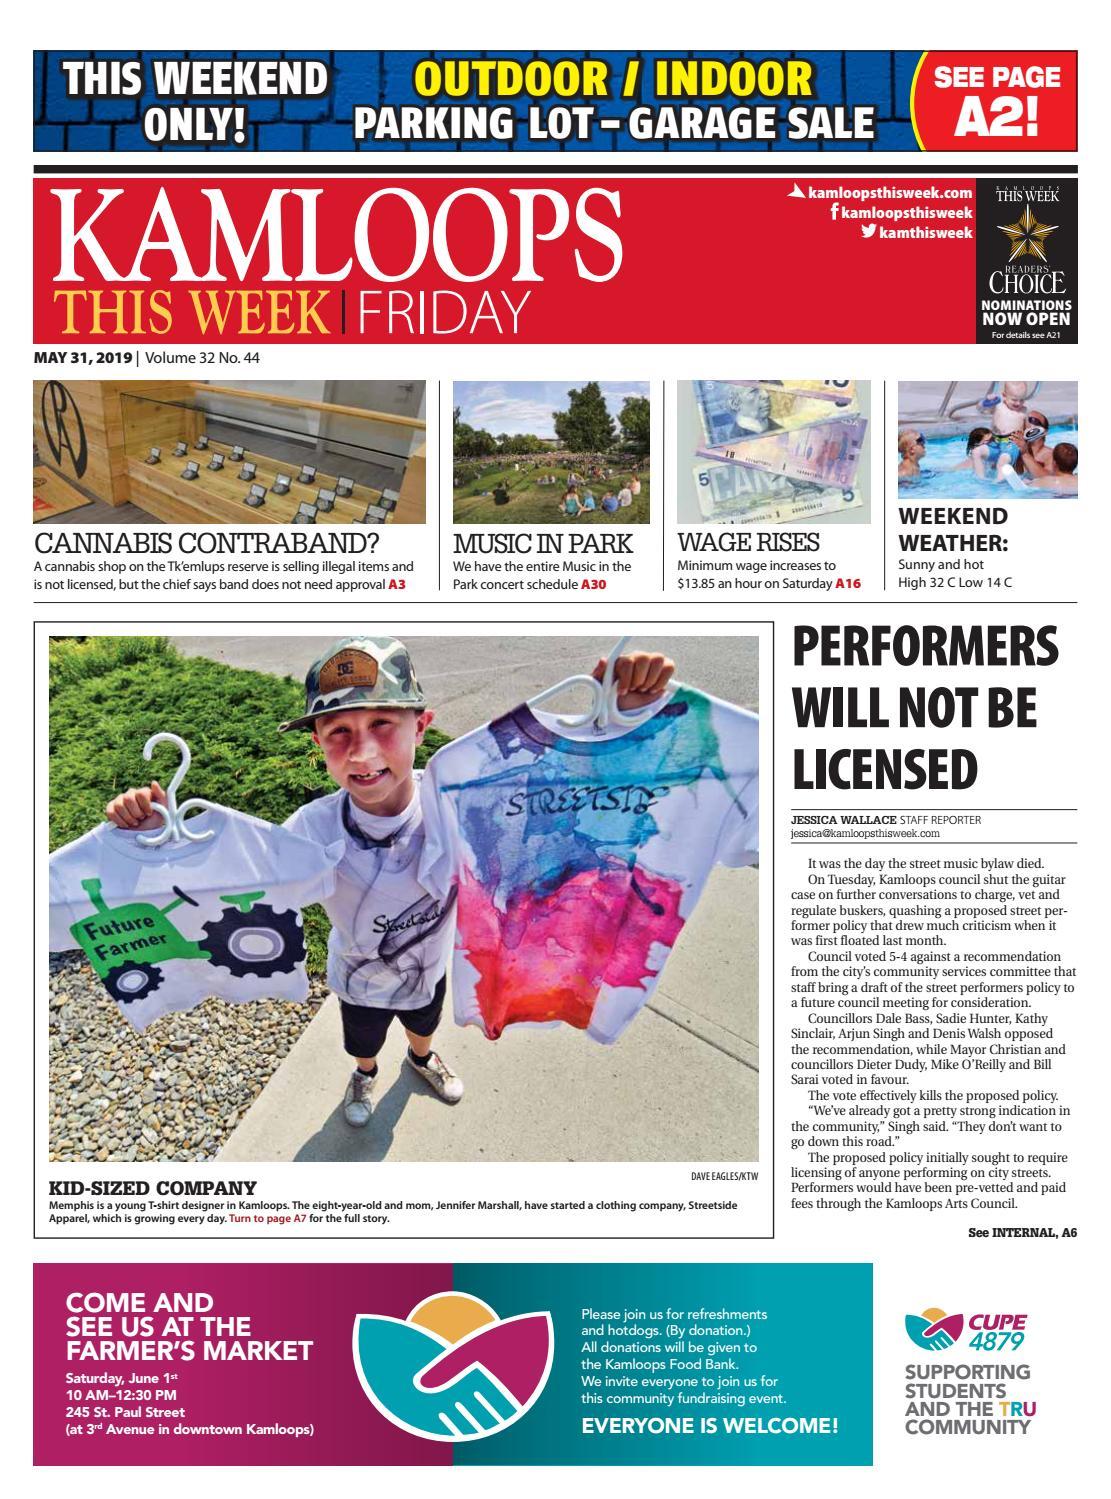 kamloops this week may 31, 2019kamloopsthisweek - issuu